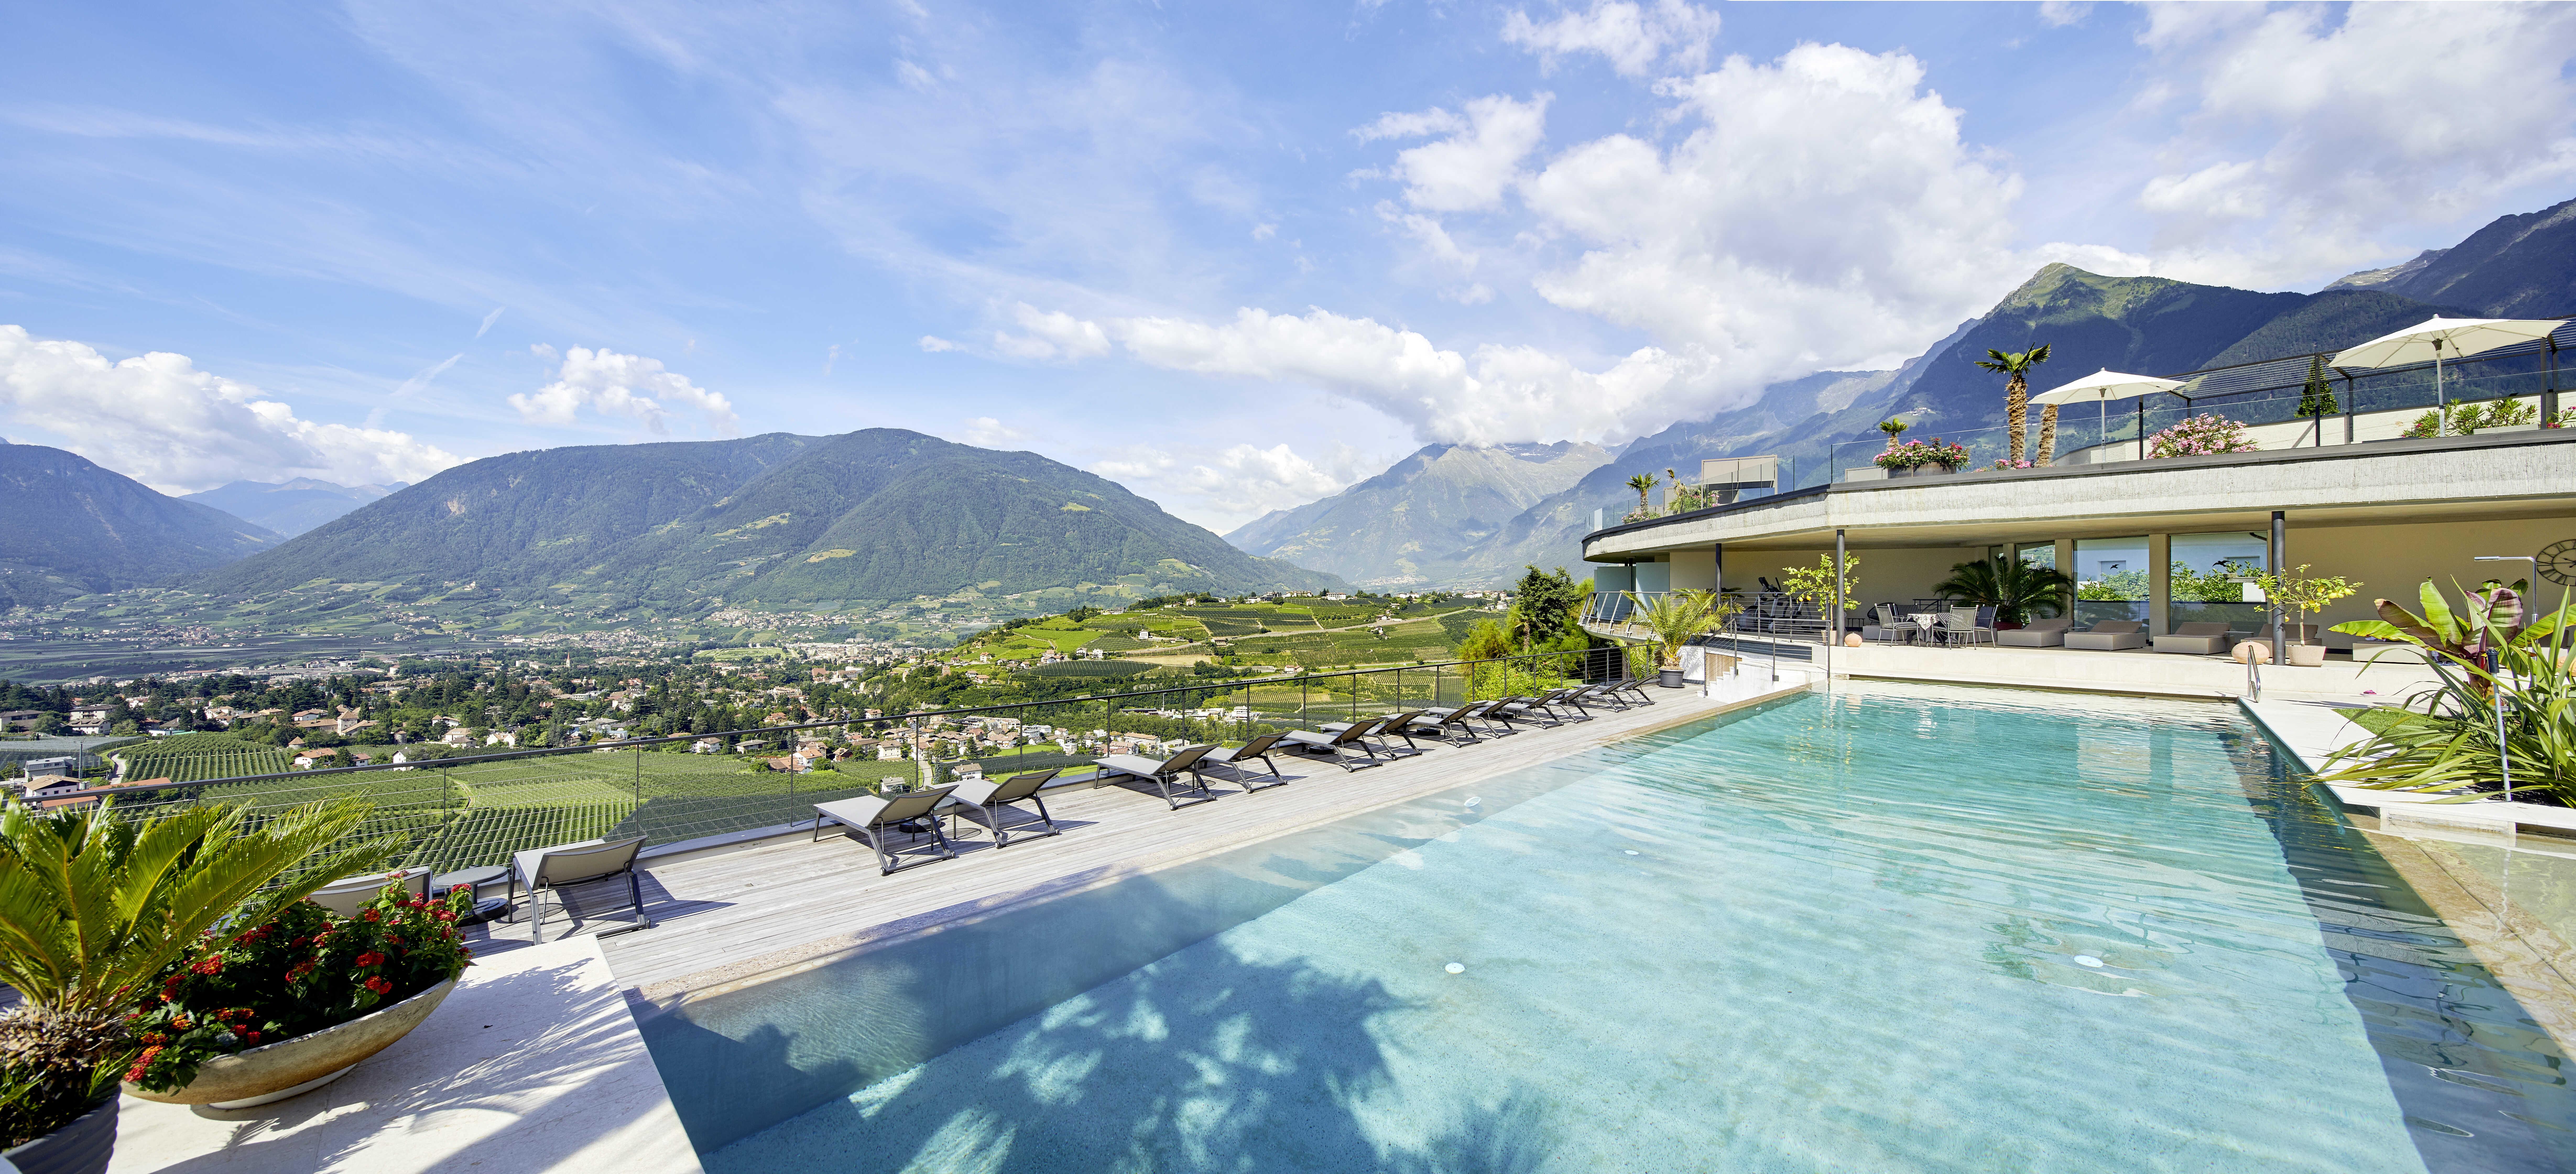 Schenna Hotels | Eschenlohe & Alpin